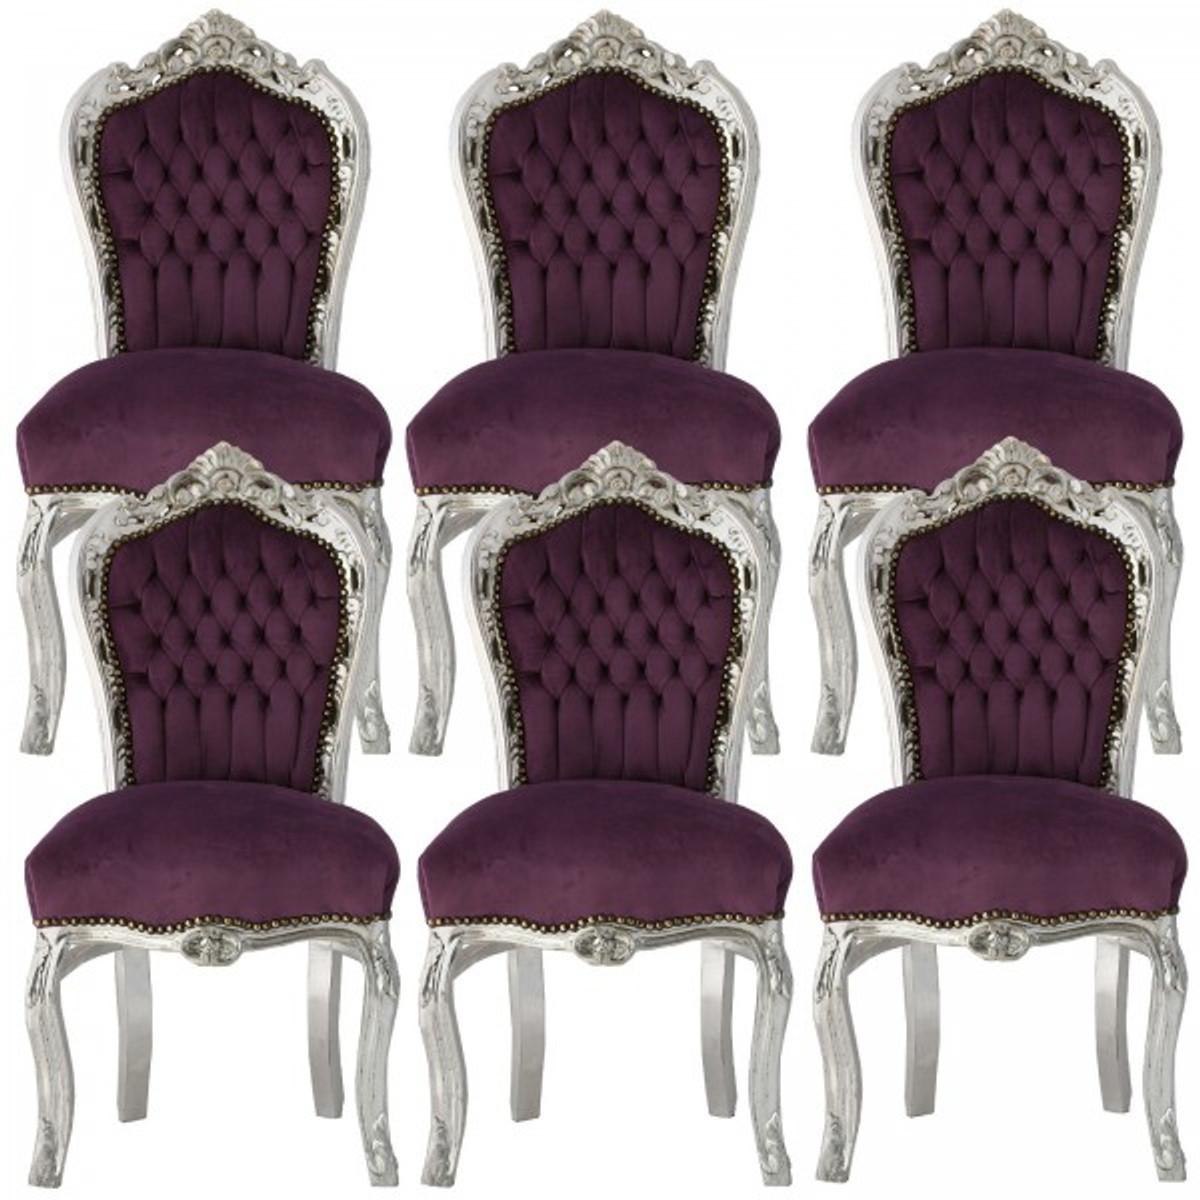 Paket Speisezimmer Mobel Essgruppe Barockmobel Stuhle 6 Stuhle In